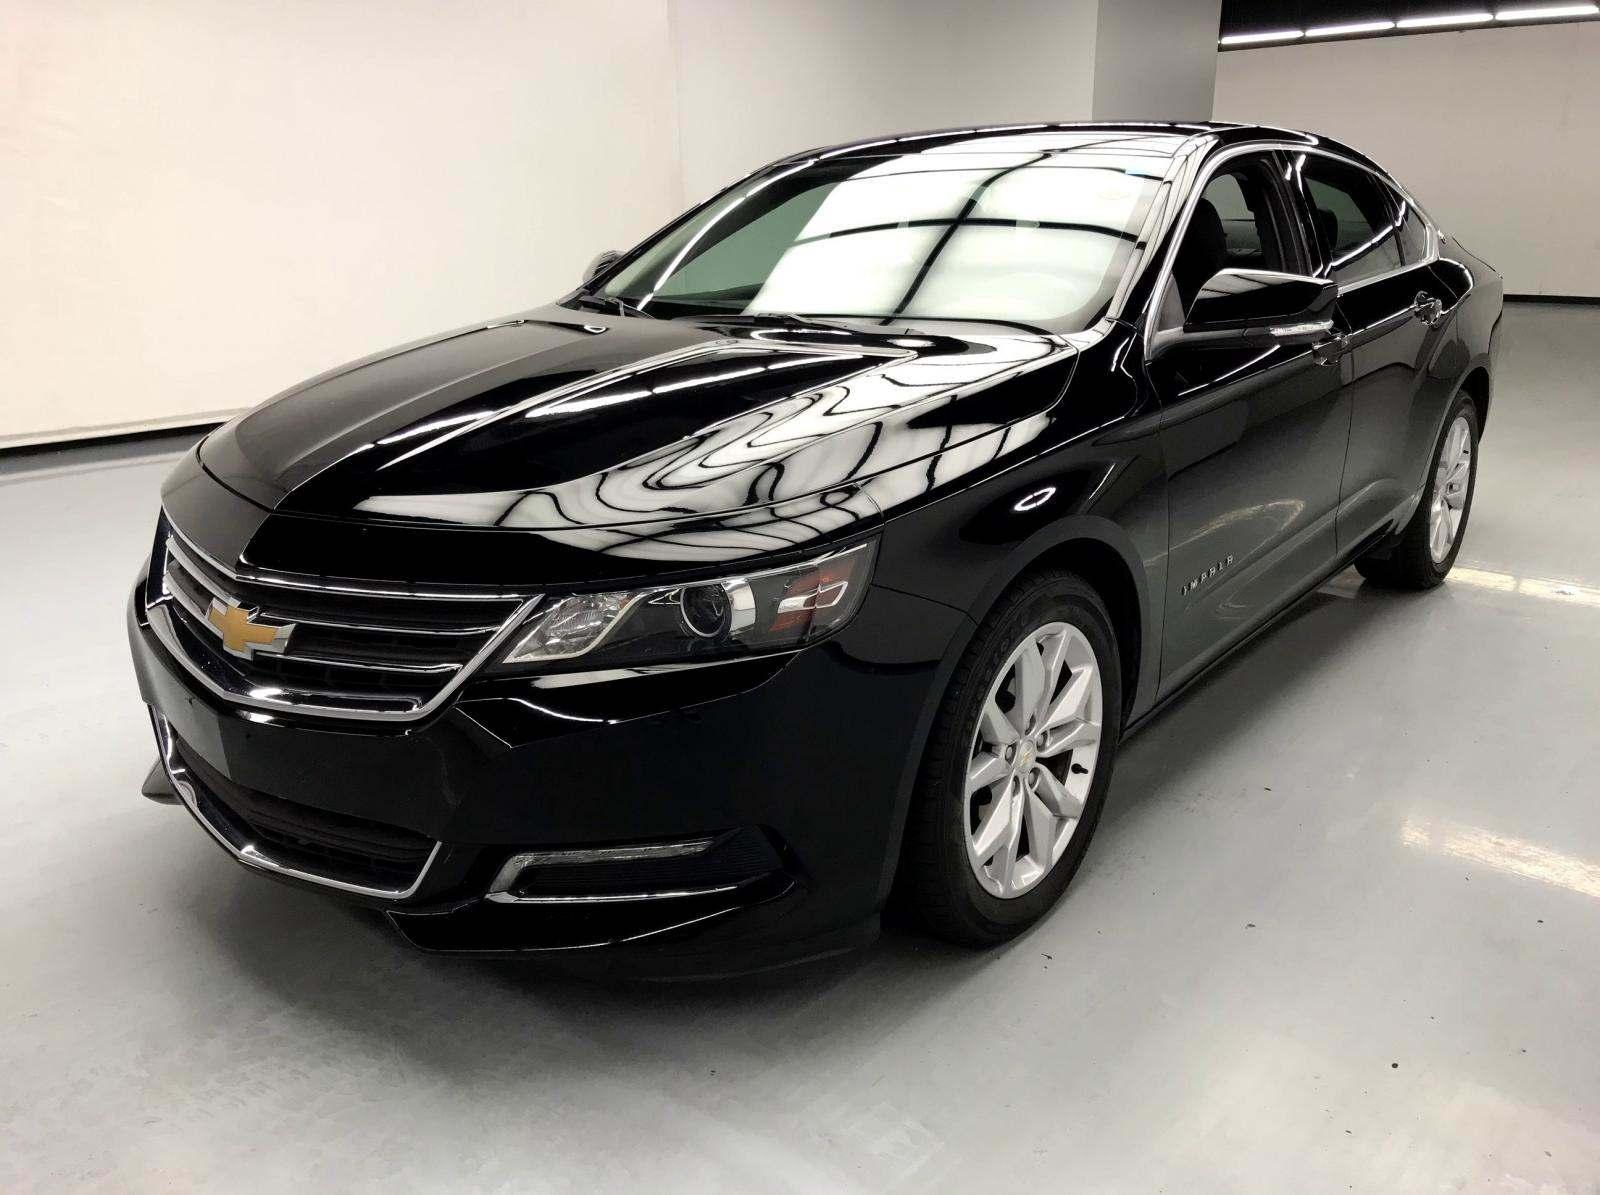 used Chevrolet Impala 2019 vin: 2G11Z5S32K9131575